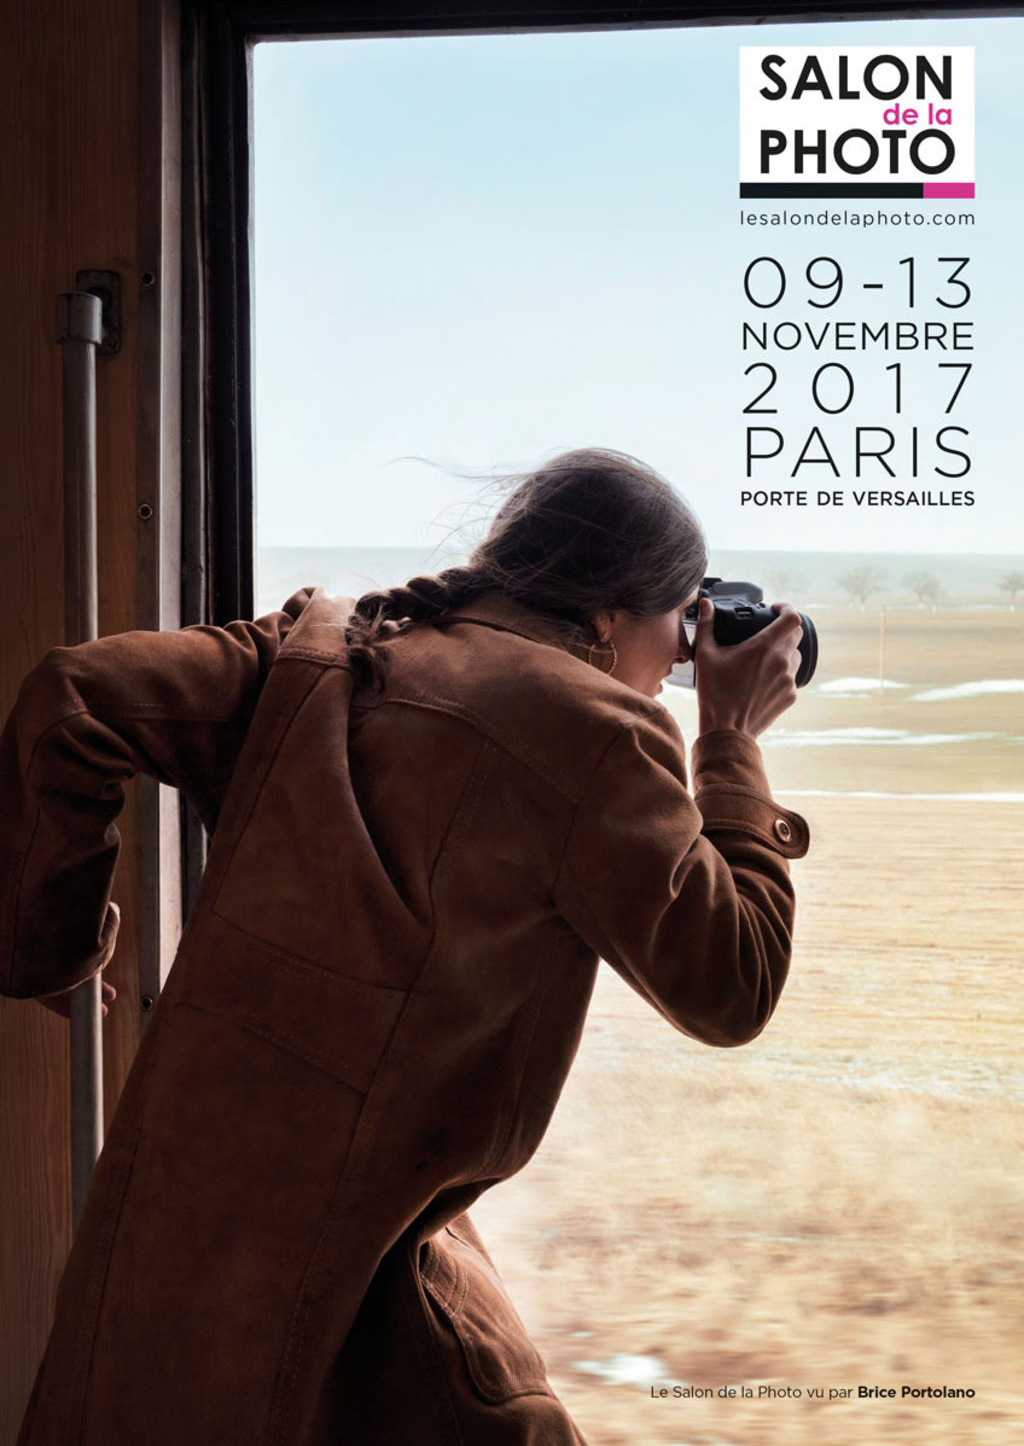 Salon-de-la-Photo-2017-du-9-au-13-novembre-a-Paris-Expo-Porte-de-Versailles_width1024.jpg